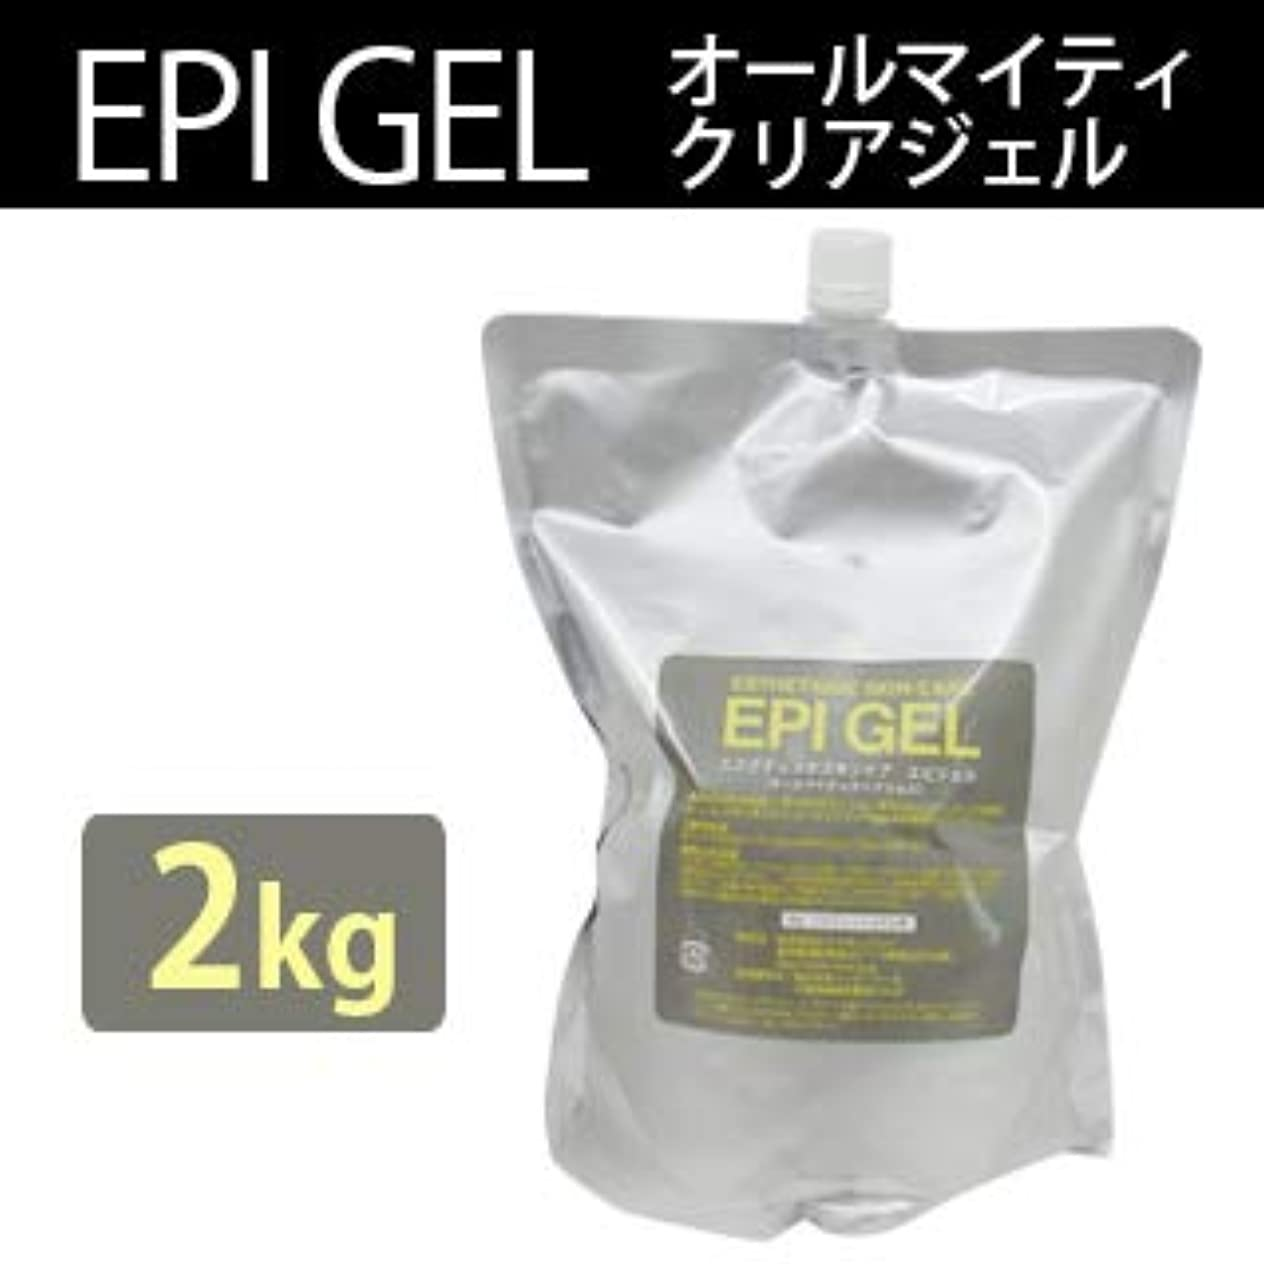 宿題ジャングル評価するエステティック スキンケア エピジェル 2kg クリアジェル (1個)